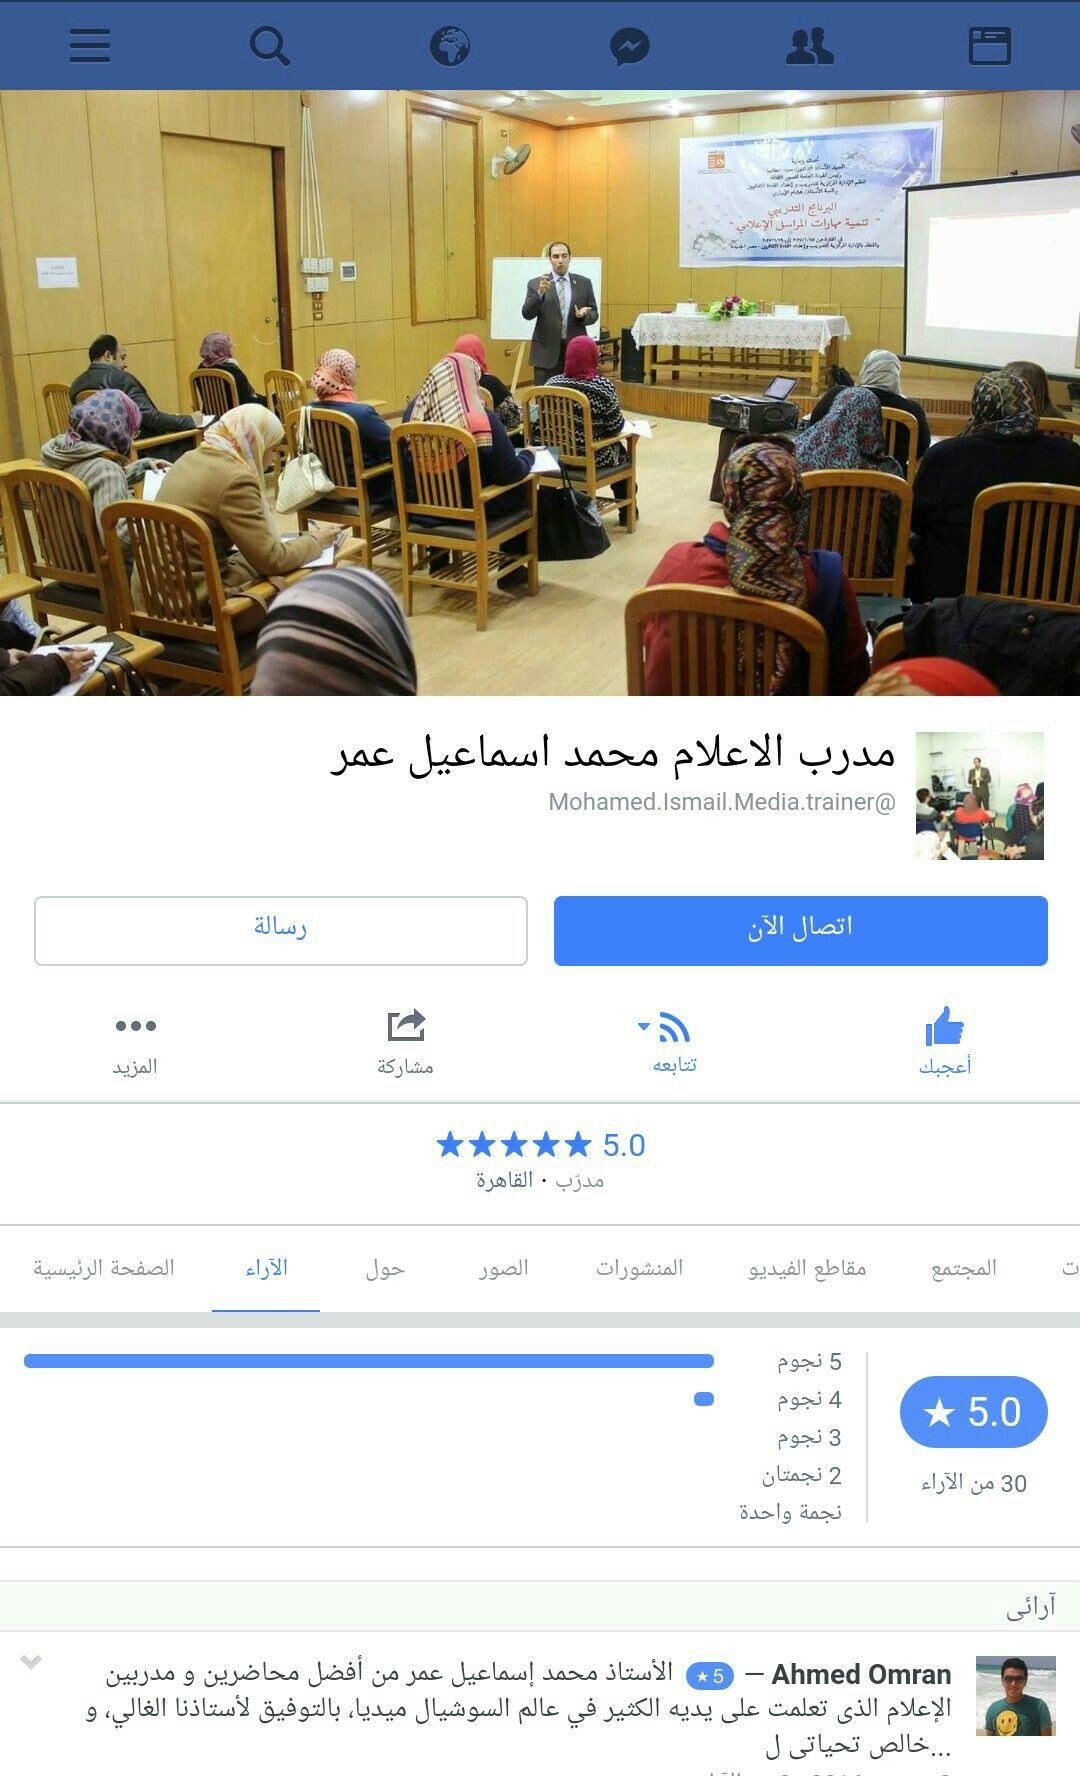 يسعدني و يشرفني متابعتكم الغالية على صفحتي الشخصية المتواضعة على موقع فيس بوك مدرب الاعلام محمد اسماعيل عمر تحياتي Egypt Egy Omran Talk Show Trainers